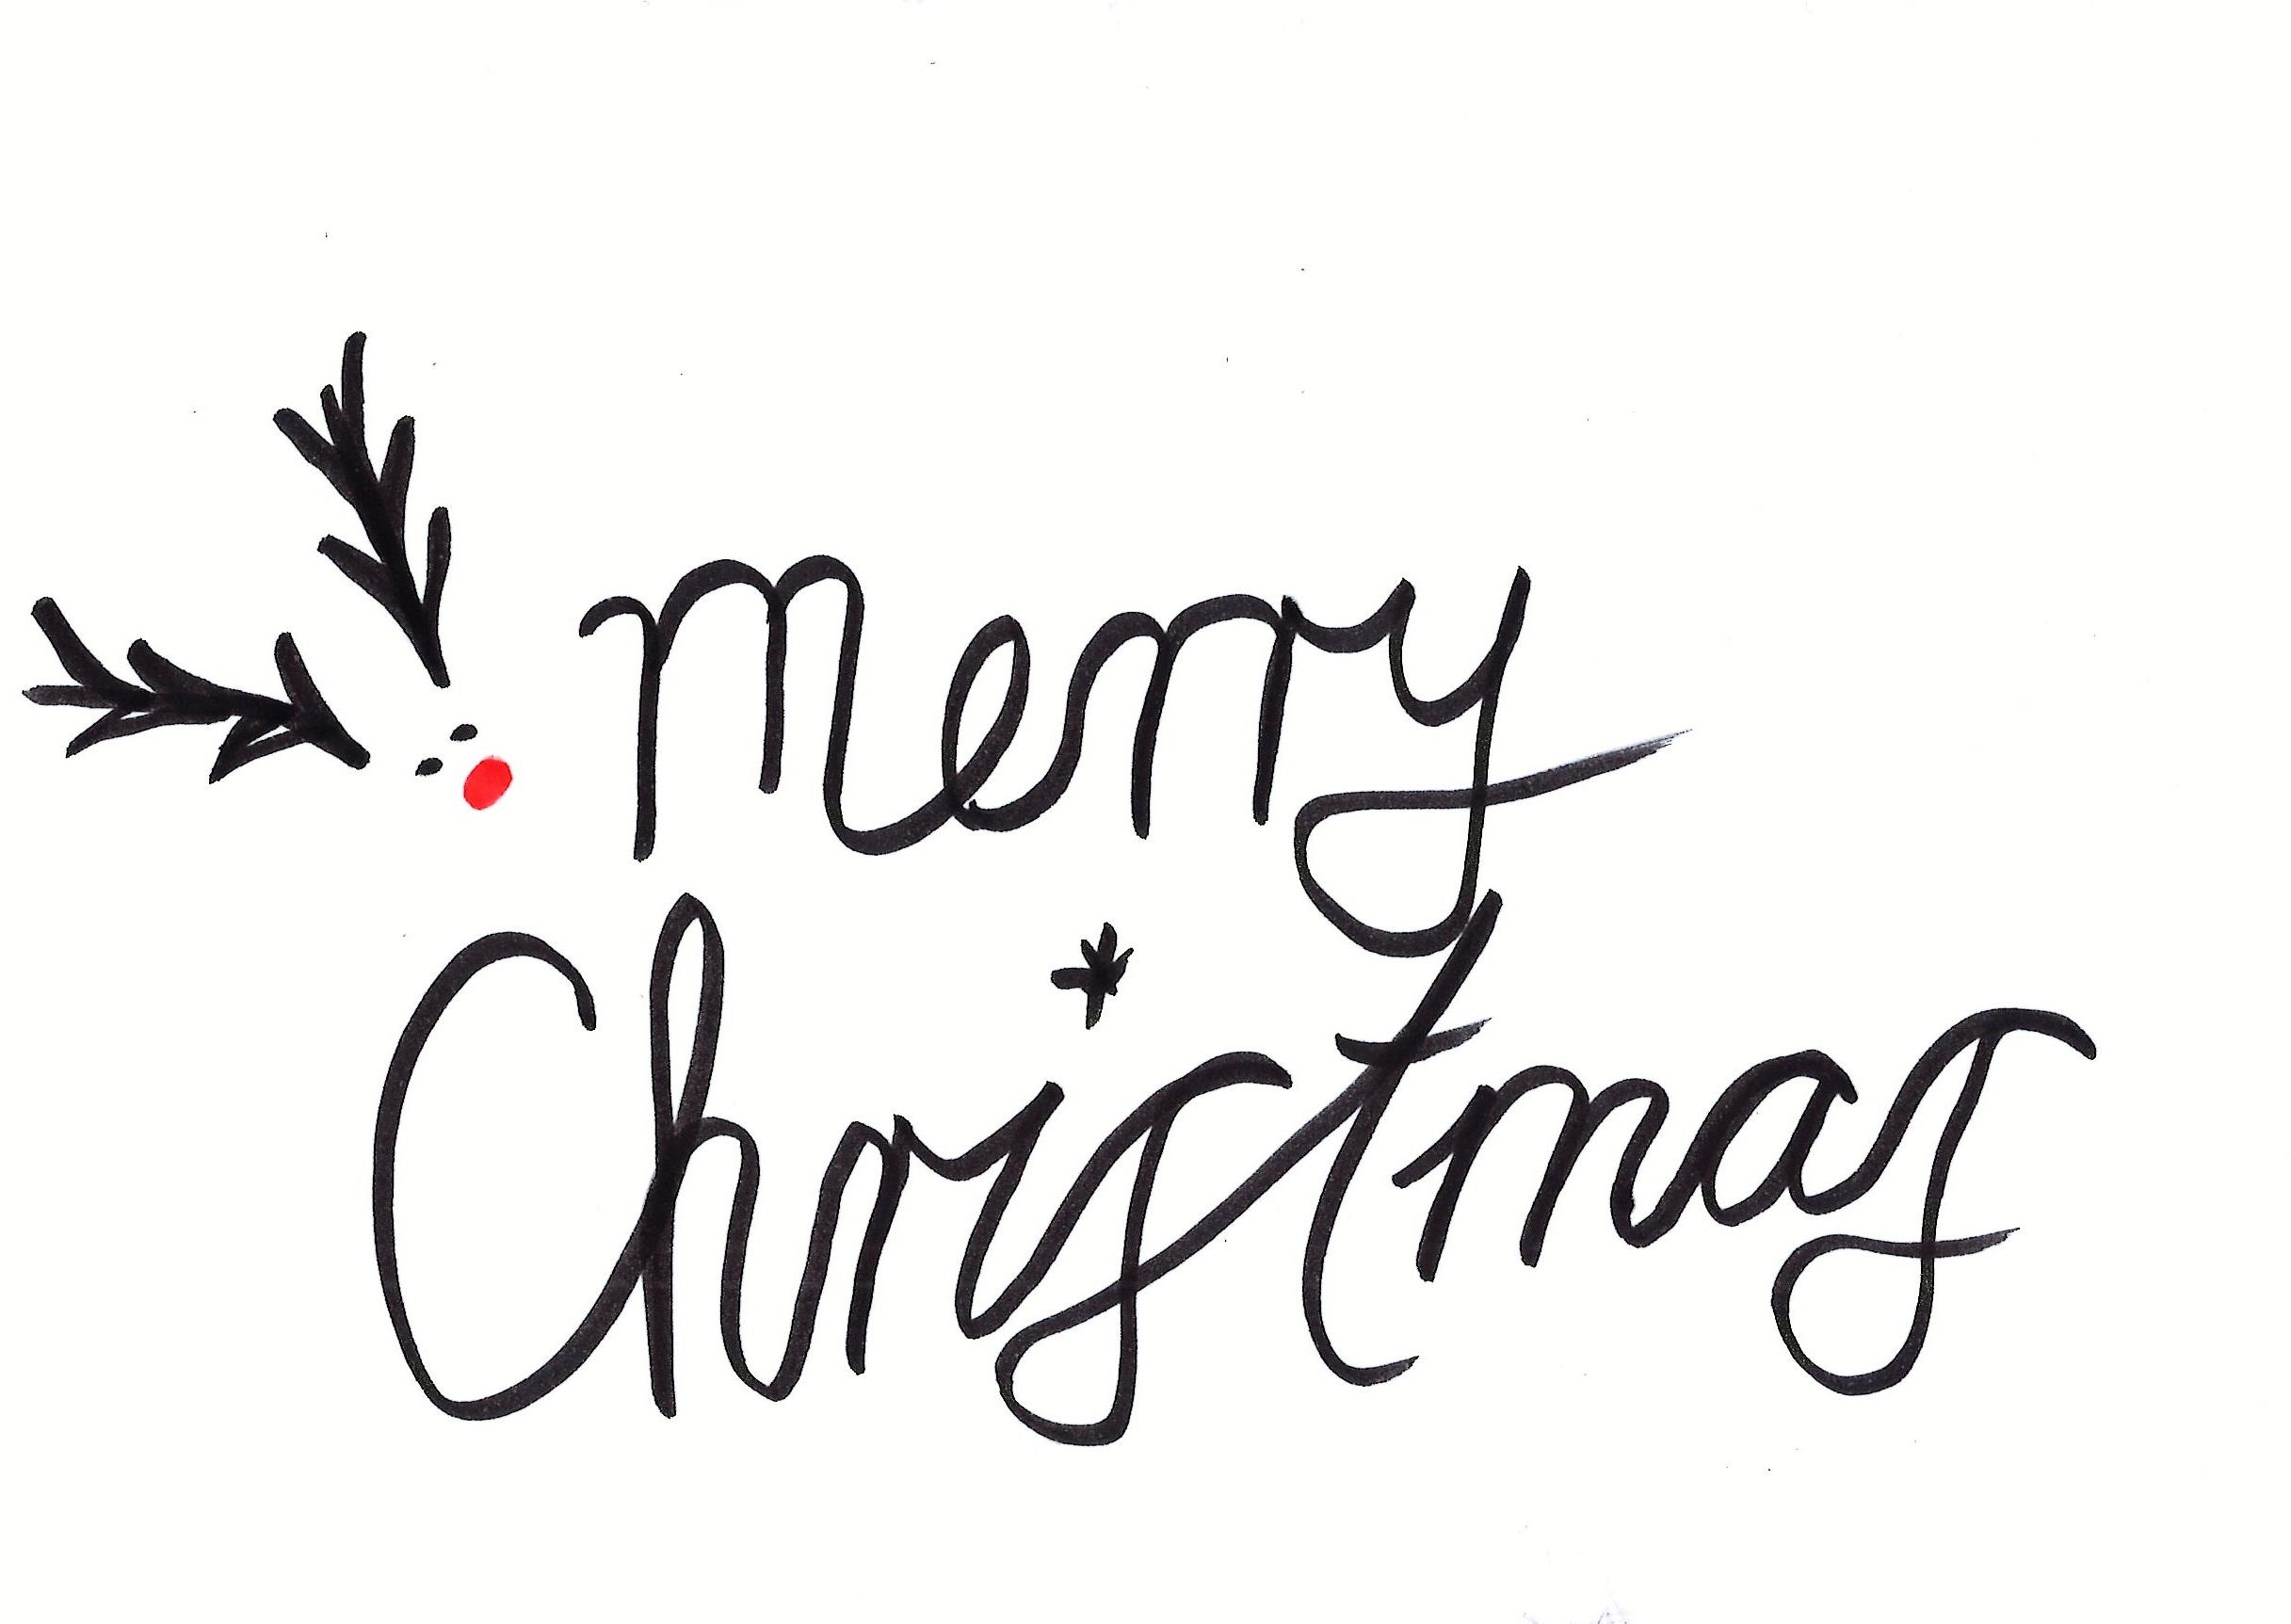 Schriftzug Frohe Weihnachten Zum Ausdrucken.Weihnachtskarten Selbstgemacht Und Vervielfältigt Geschenkideen